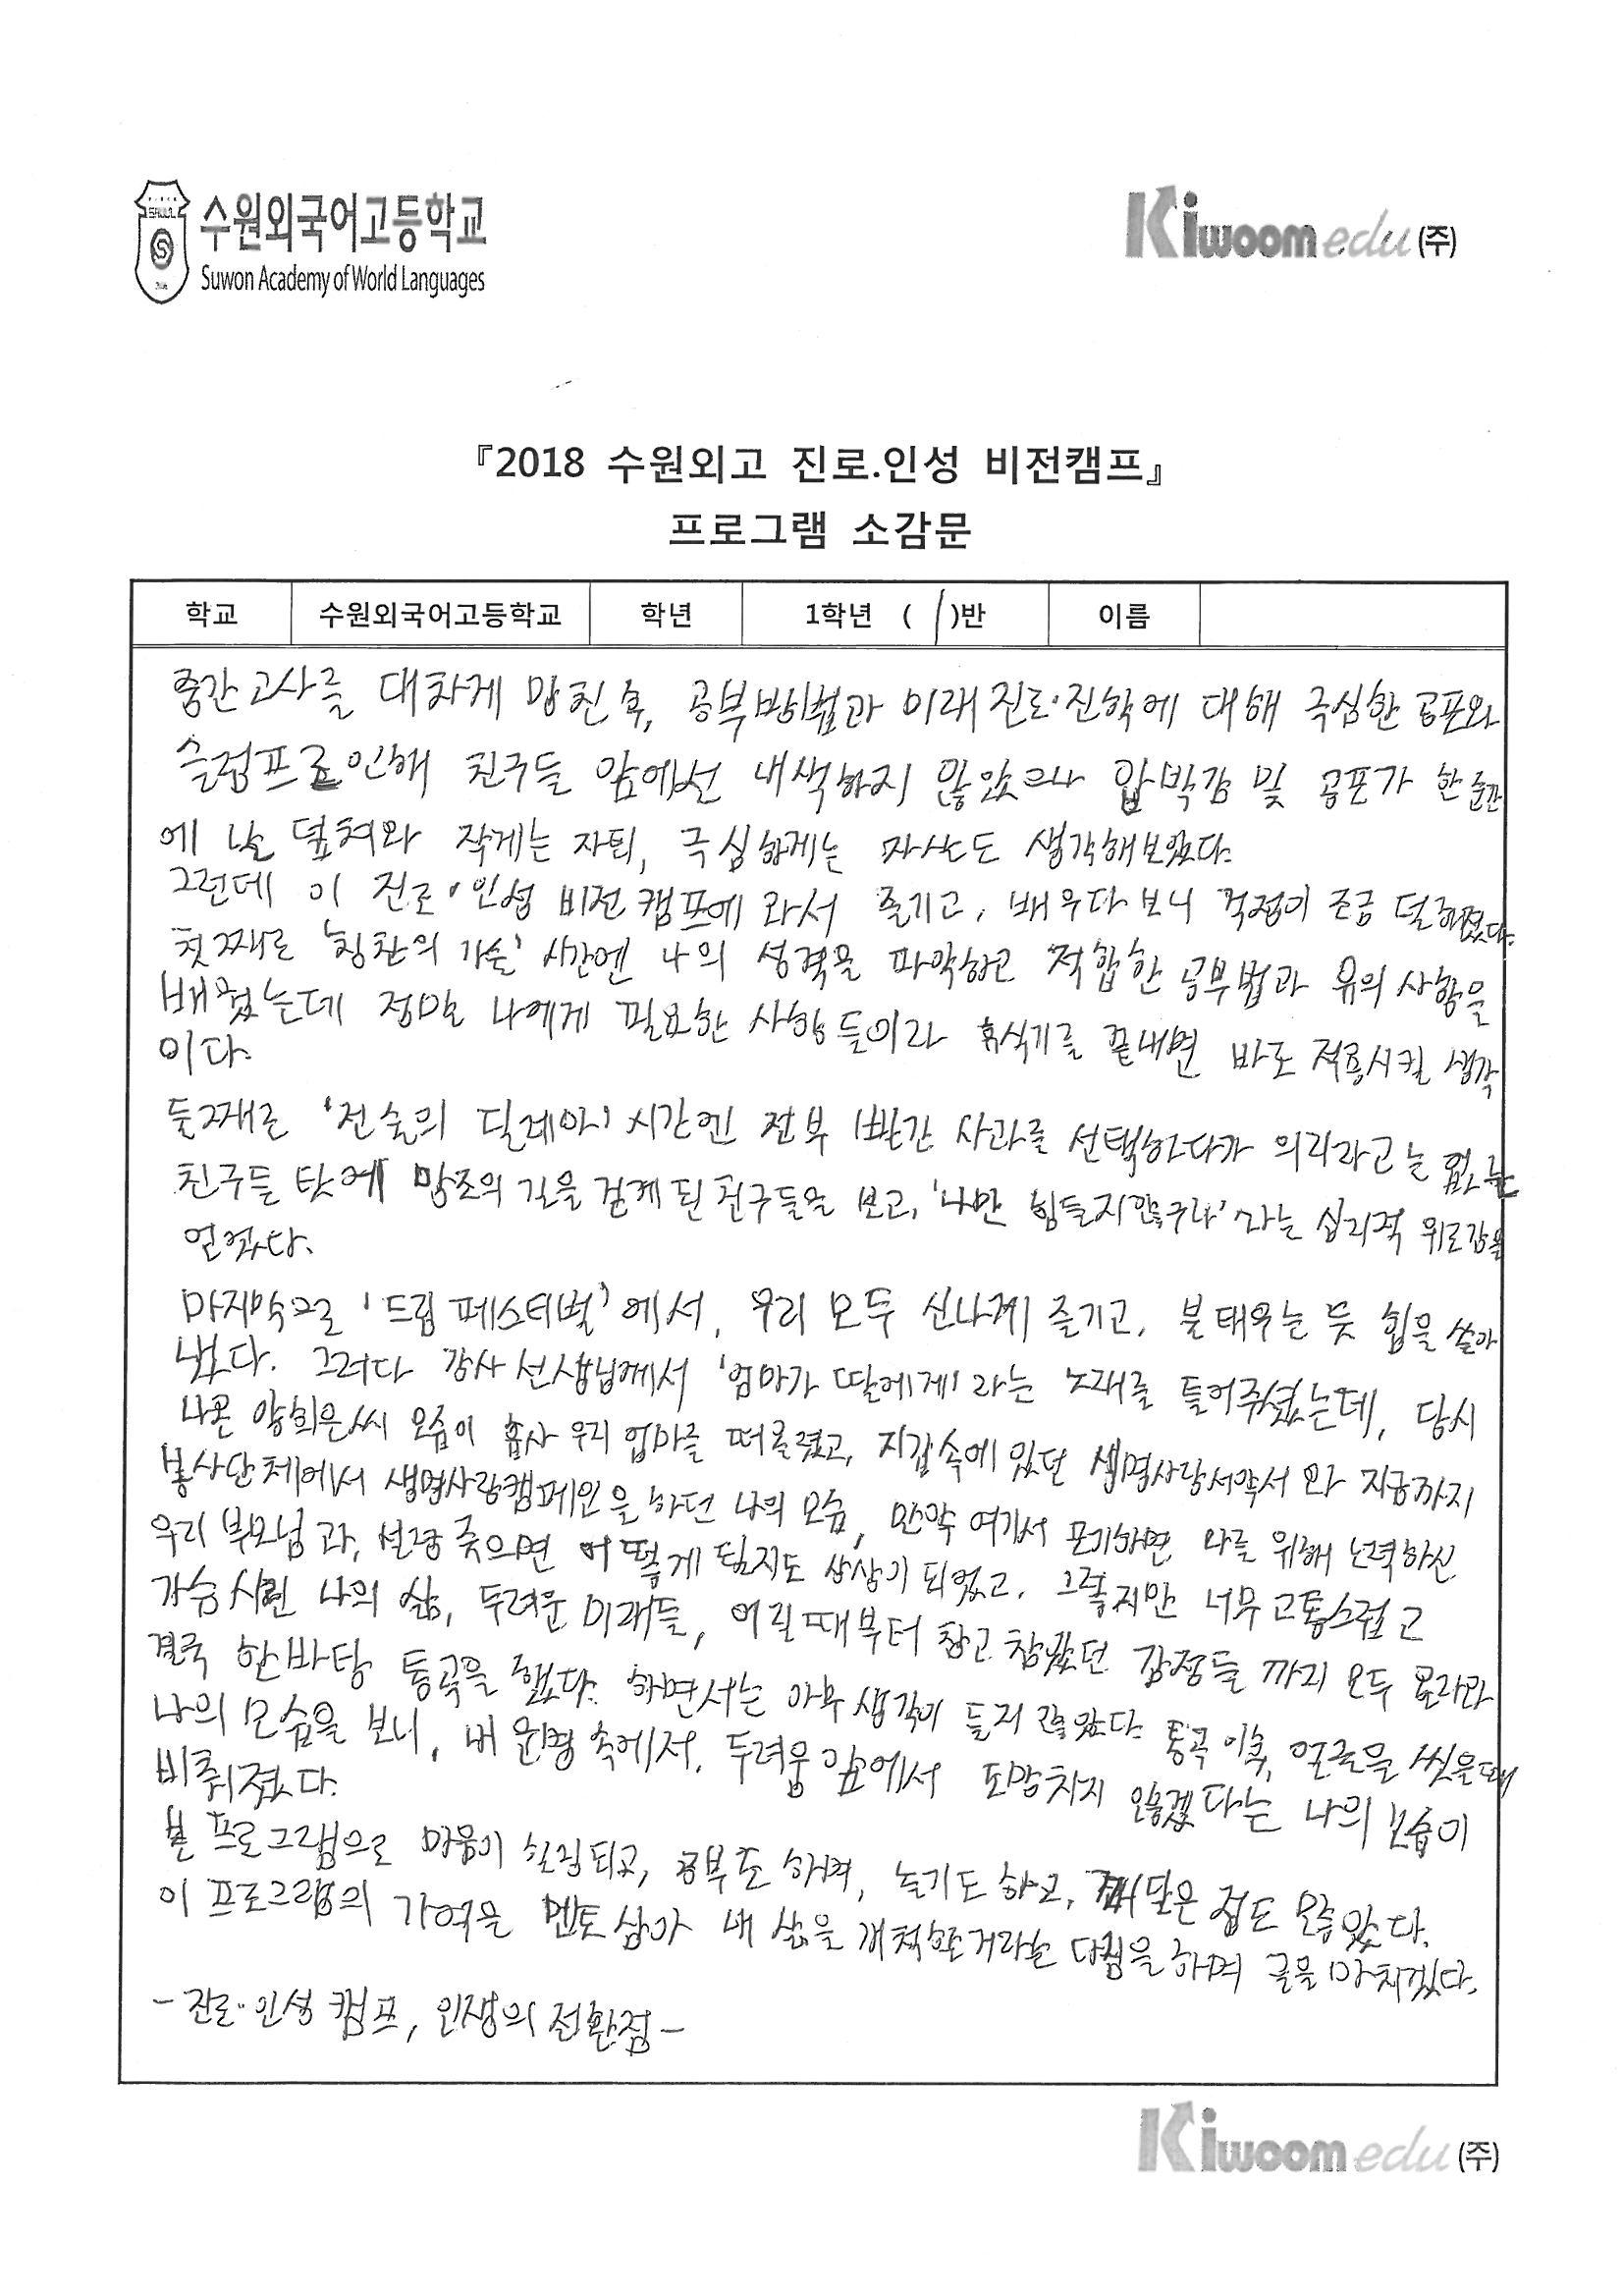 2018 수원외고 우수소감문_Page_02-.jpg